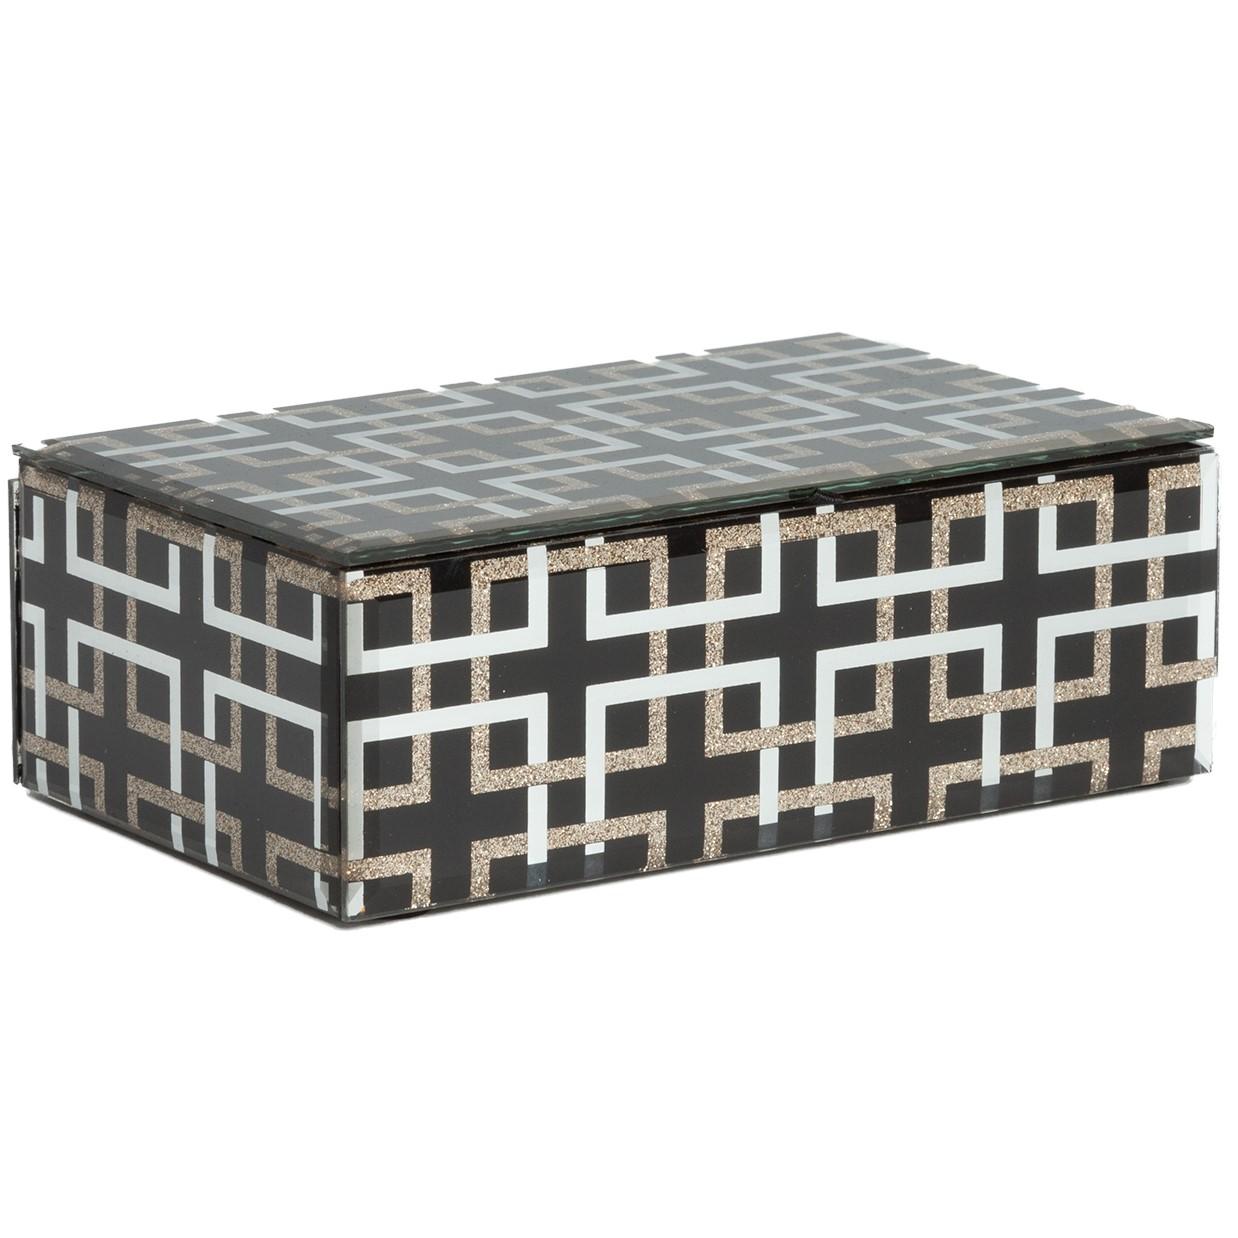 Купить Черная шкатулка (коробка) стеклянная Abbe Большая в интернет магазине дизайнерской мебели и аксессуаров для дома и дачи